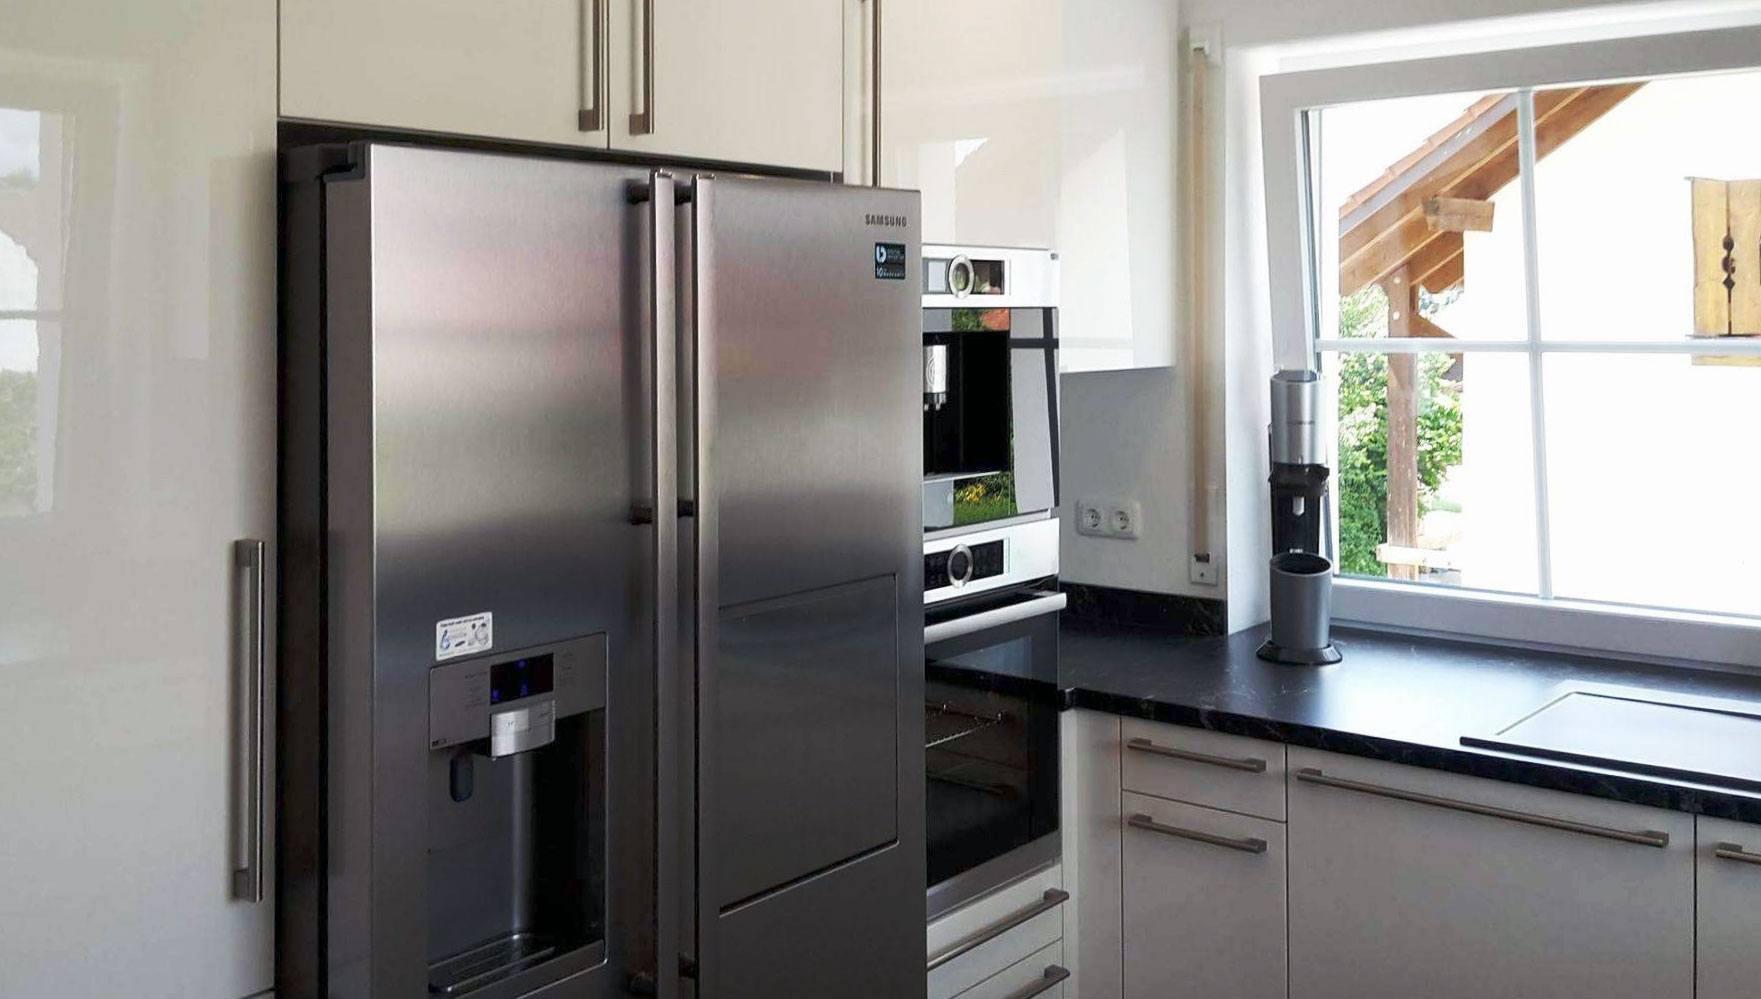 Küchenzeile Mit Side By Side Kühlschrank : Küche mit integriertem side by side in hausen küchen blank